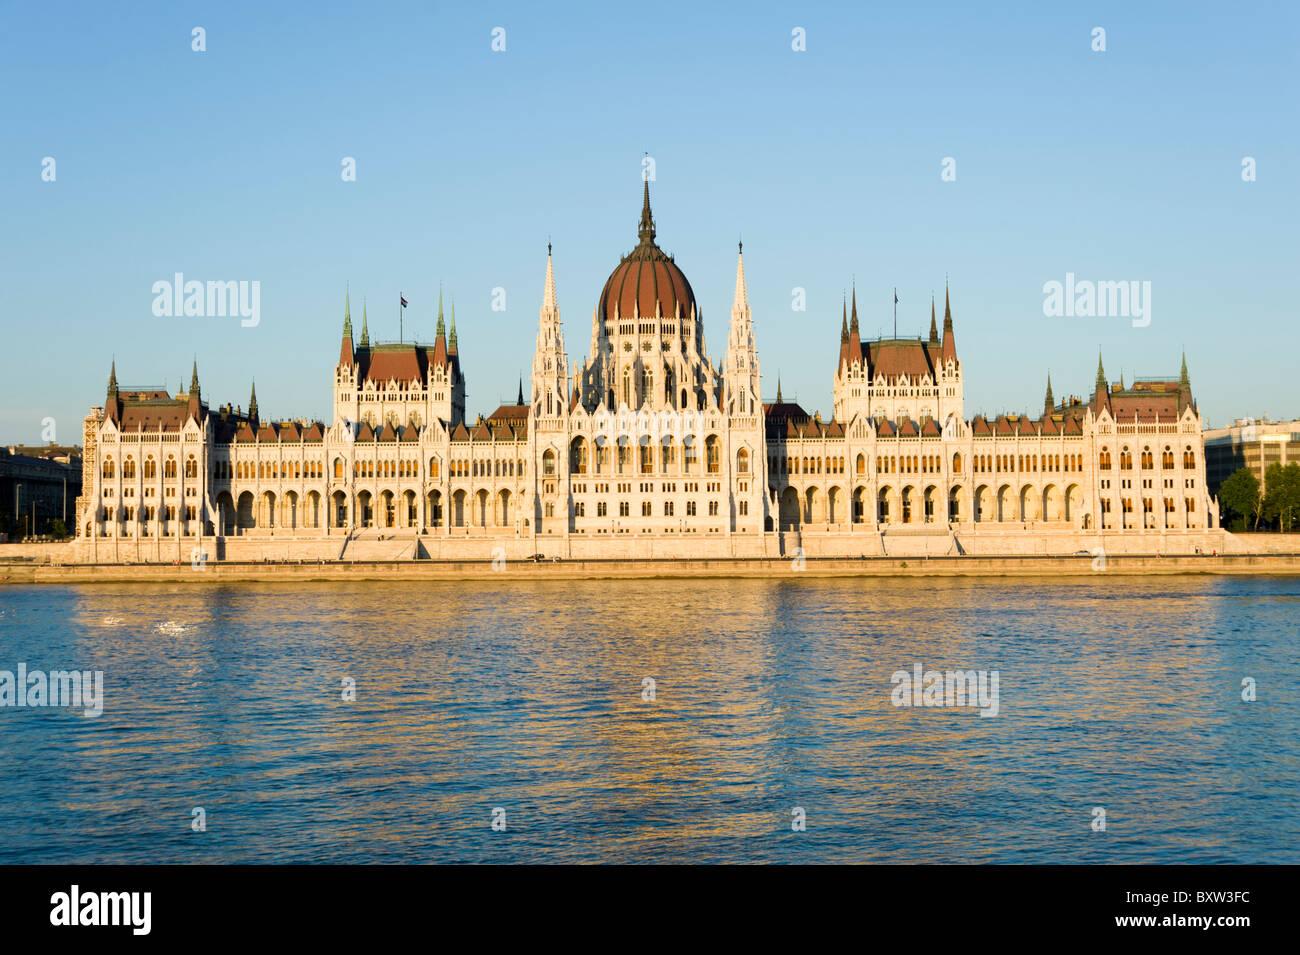 Parlamento ungherese edificio, Budapest, Ungheria Foto Stock